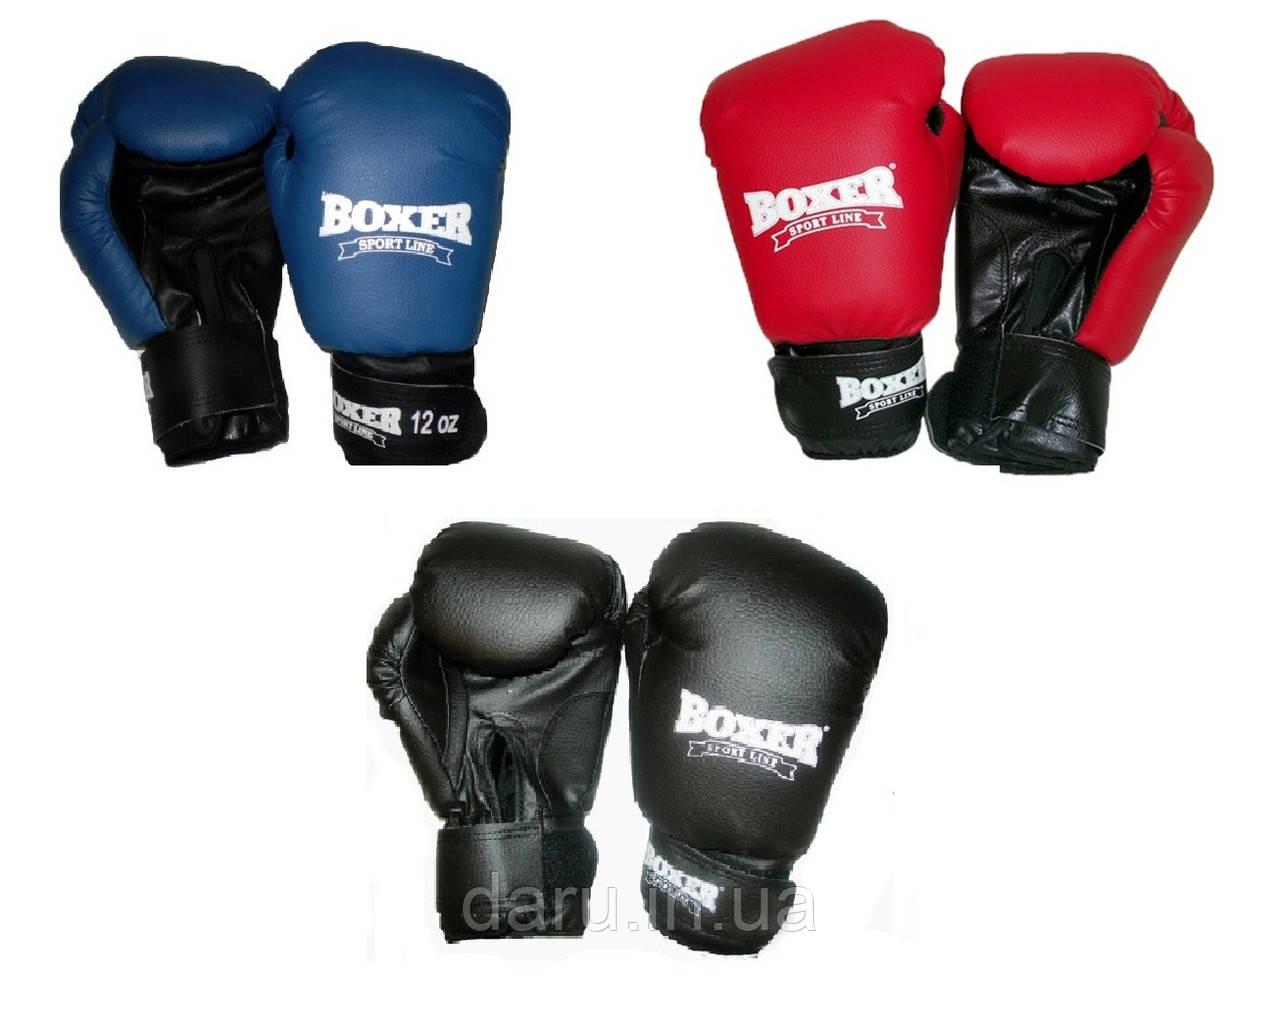 Боксерские перчатки 6 oz КОЖВИНИЛ Boxer 3 цвета - Дары Природы (ФЛП Жуковский) в Николаевской области